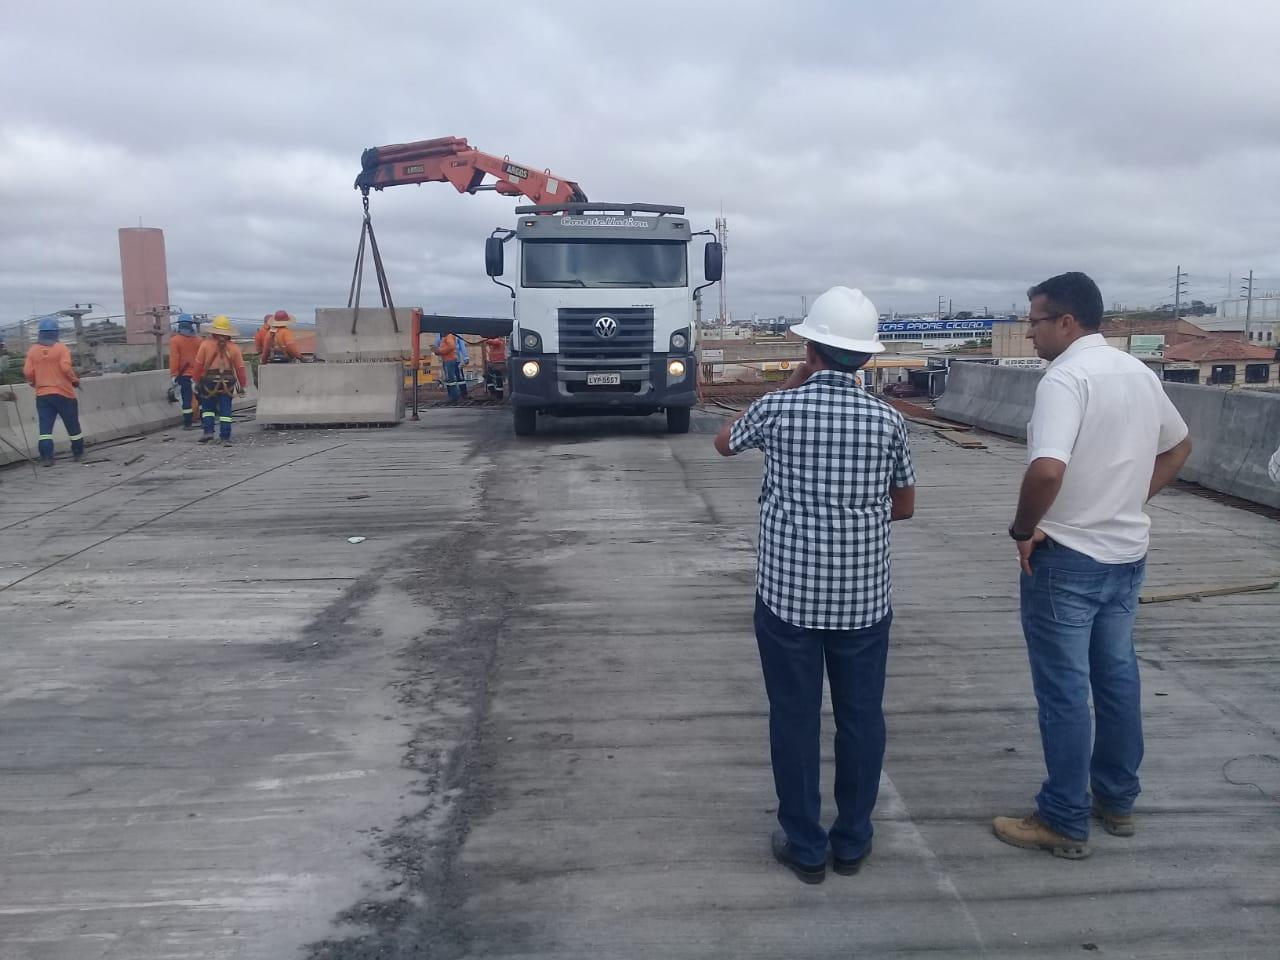 Obras do viaduto da Avenida Barão de Gurguéia retornam ainda este mês - Imagem 1